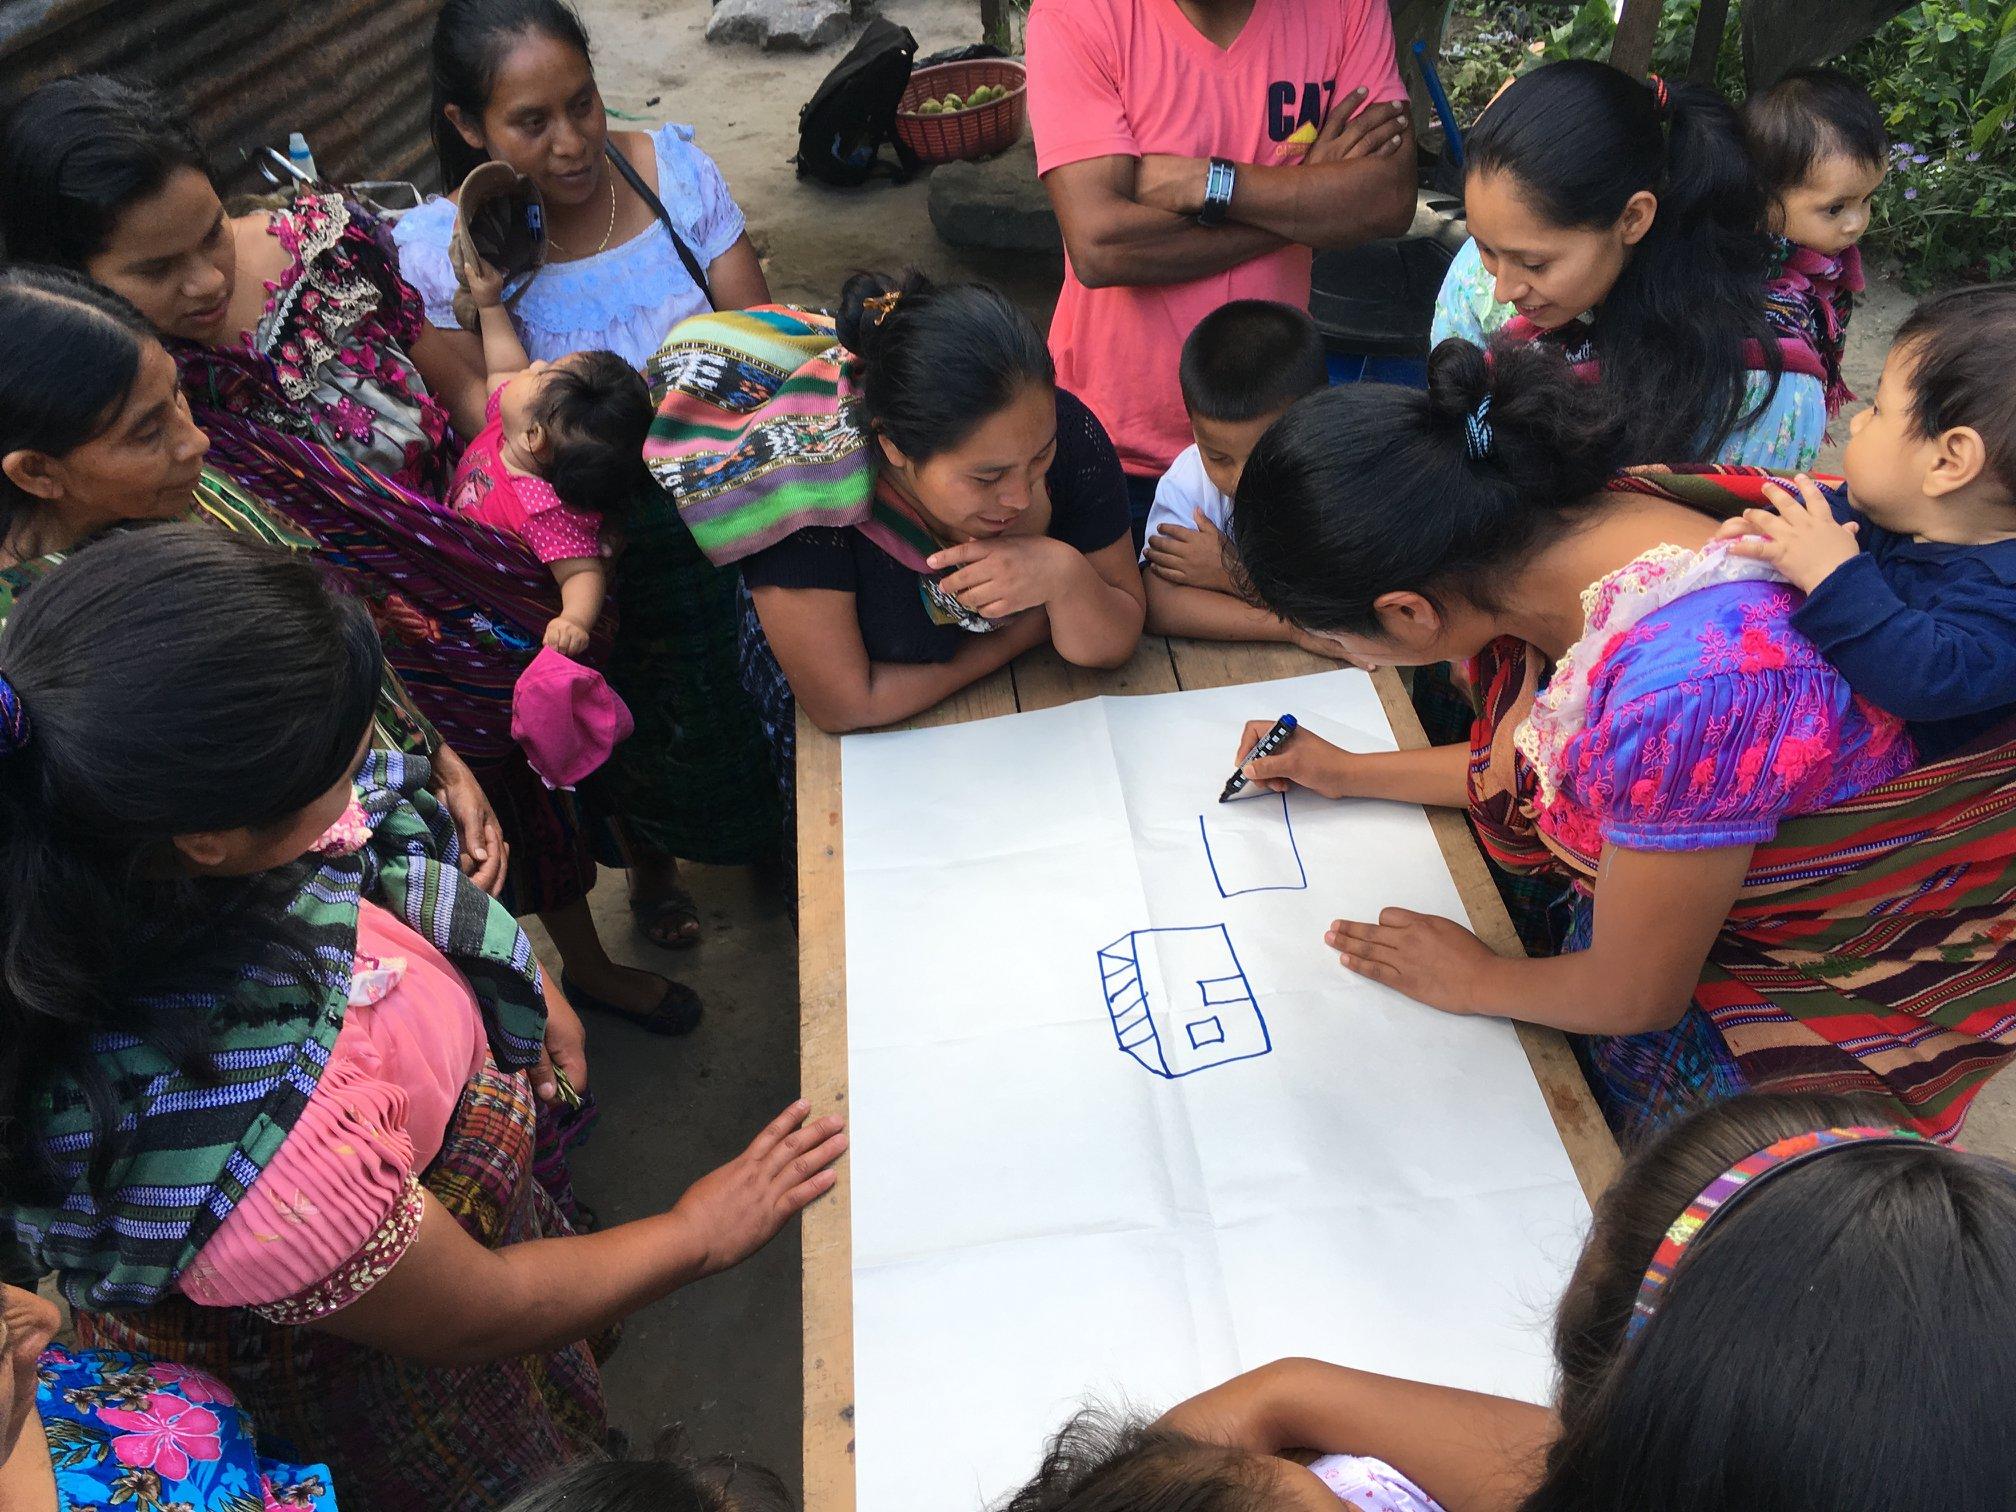 Los conocimientos de la población indígena serán utilizados para la elaboración de nuevos proyectos de Usaid. (Foto Prensa Libre: Usaid)